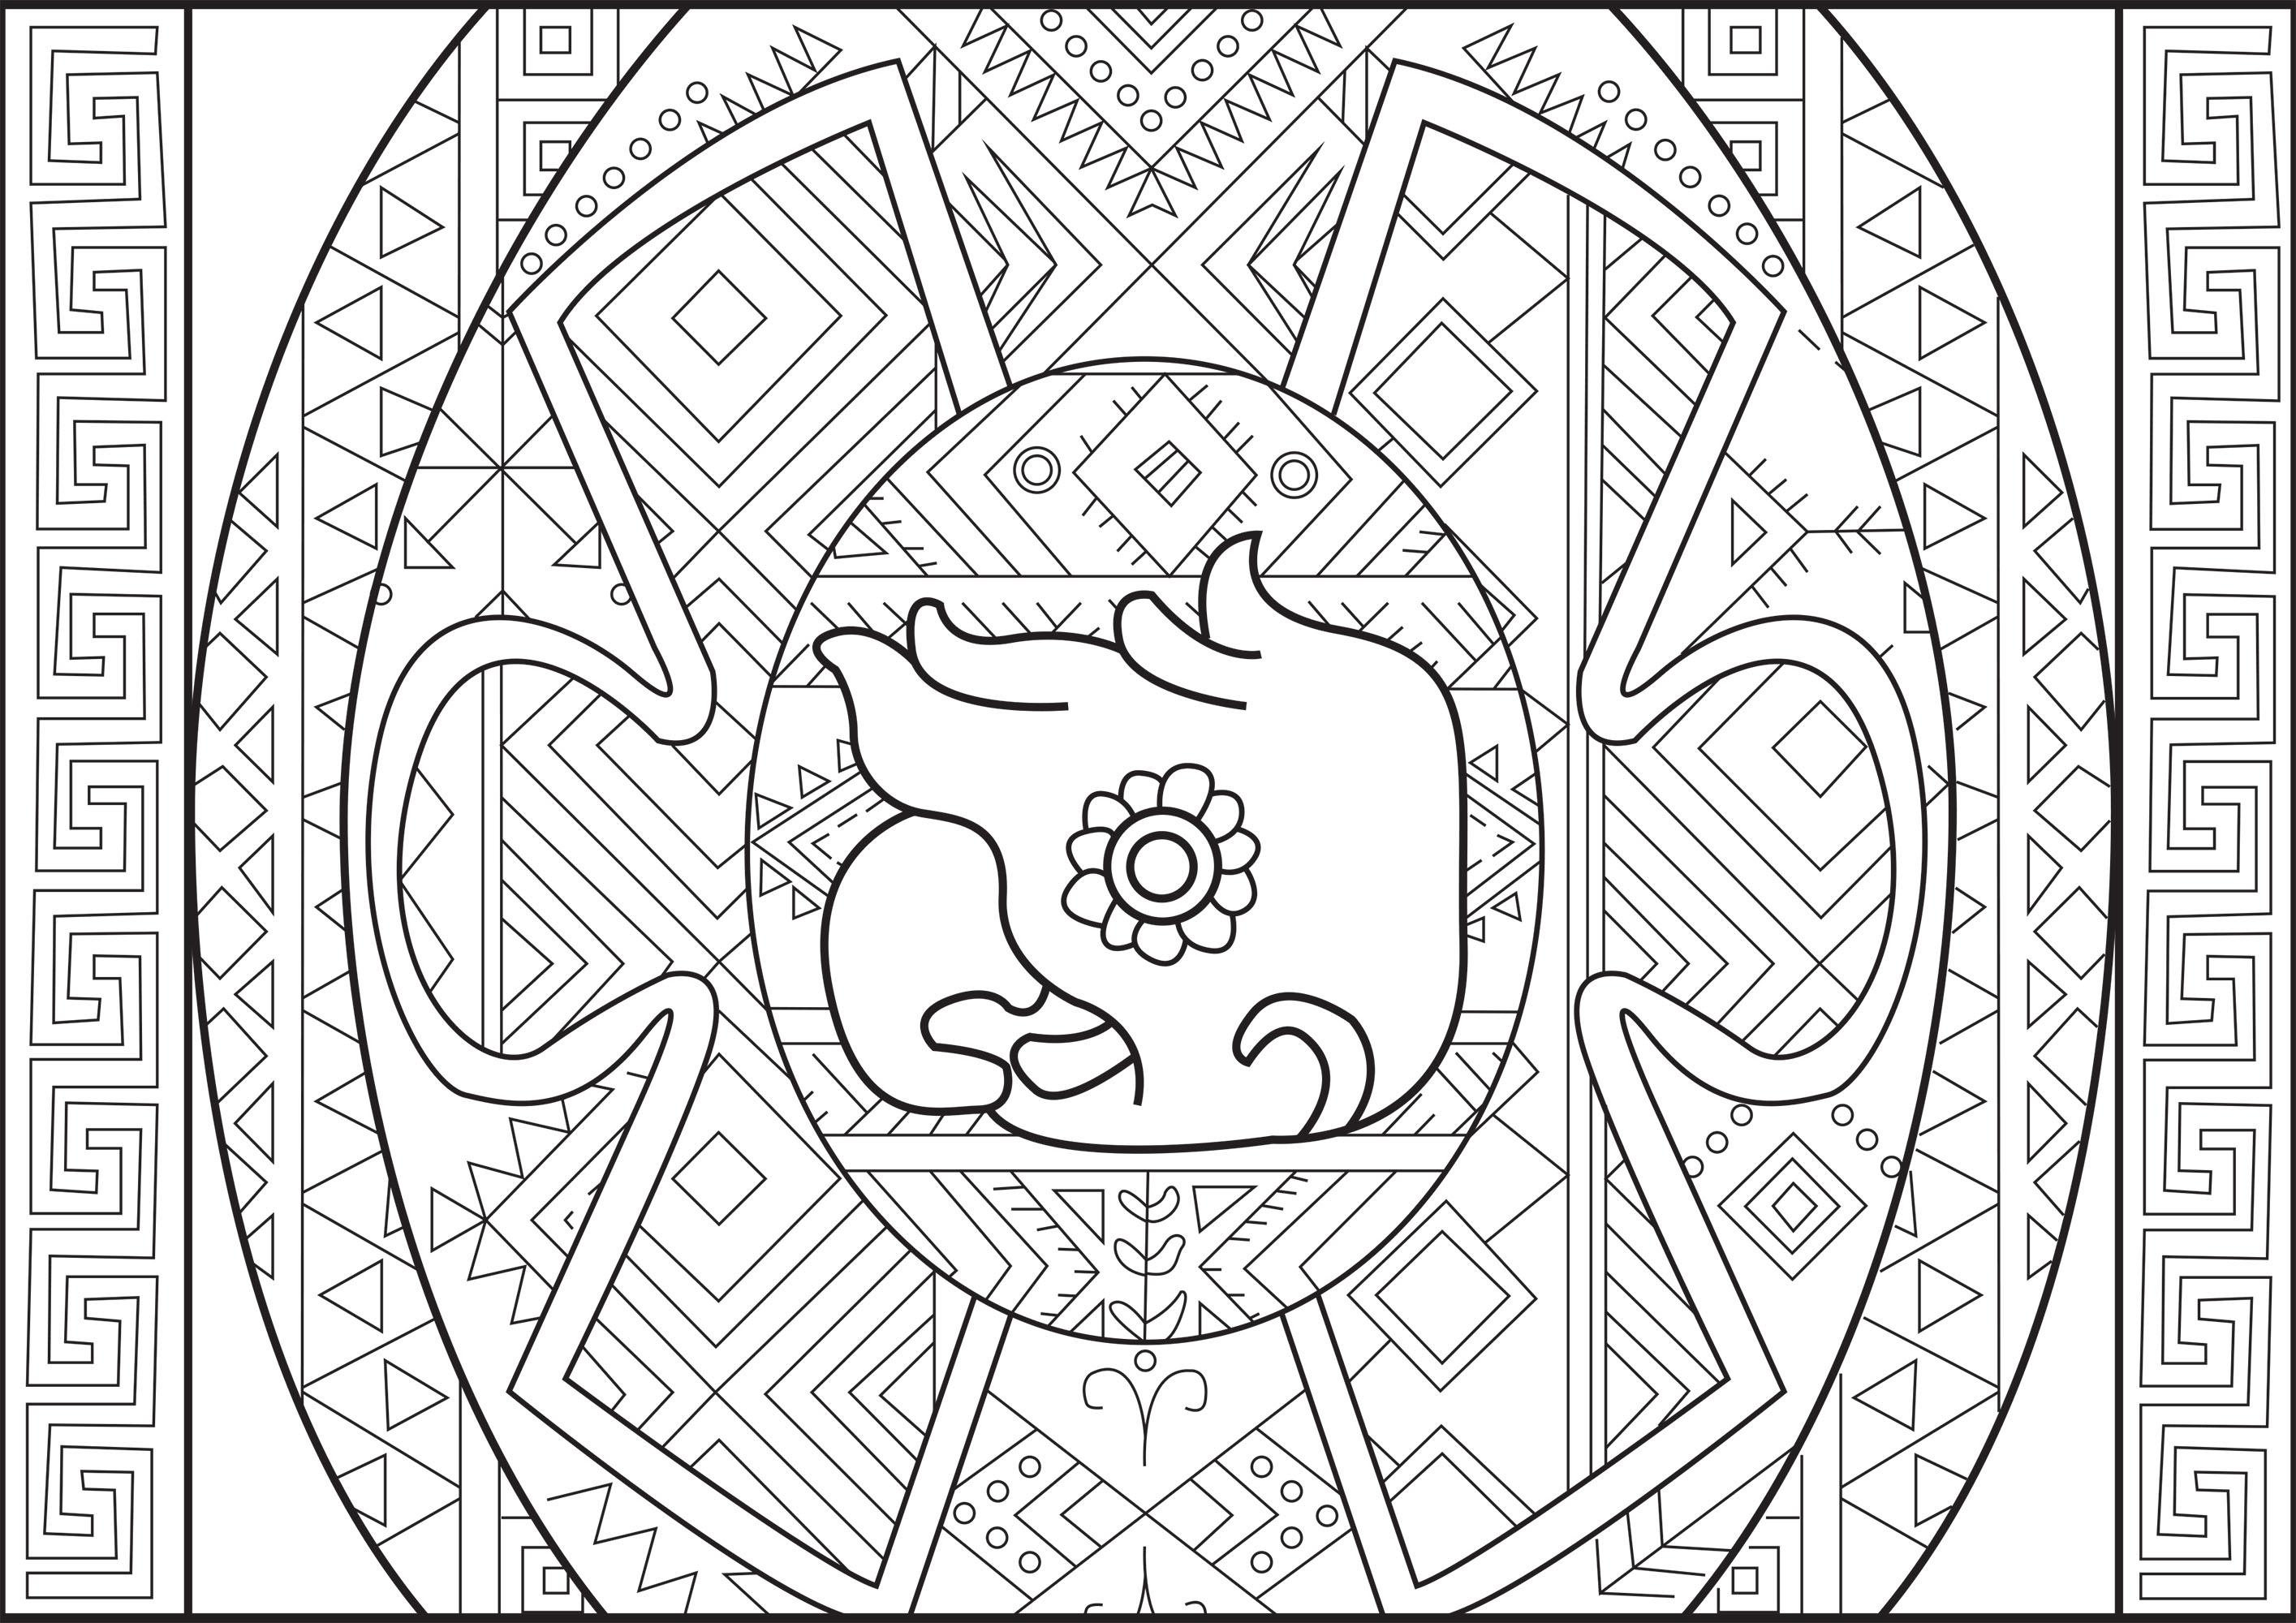 Coloriage représentant une tête de perroquet Maya avec des Motifs variés autour (style Aztèque / Maya)